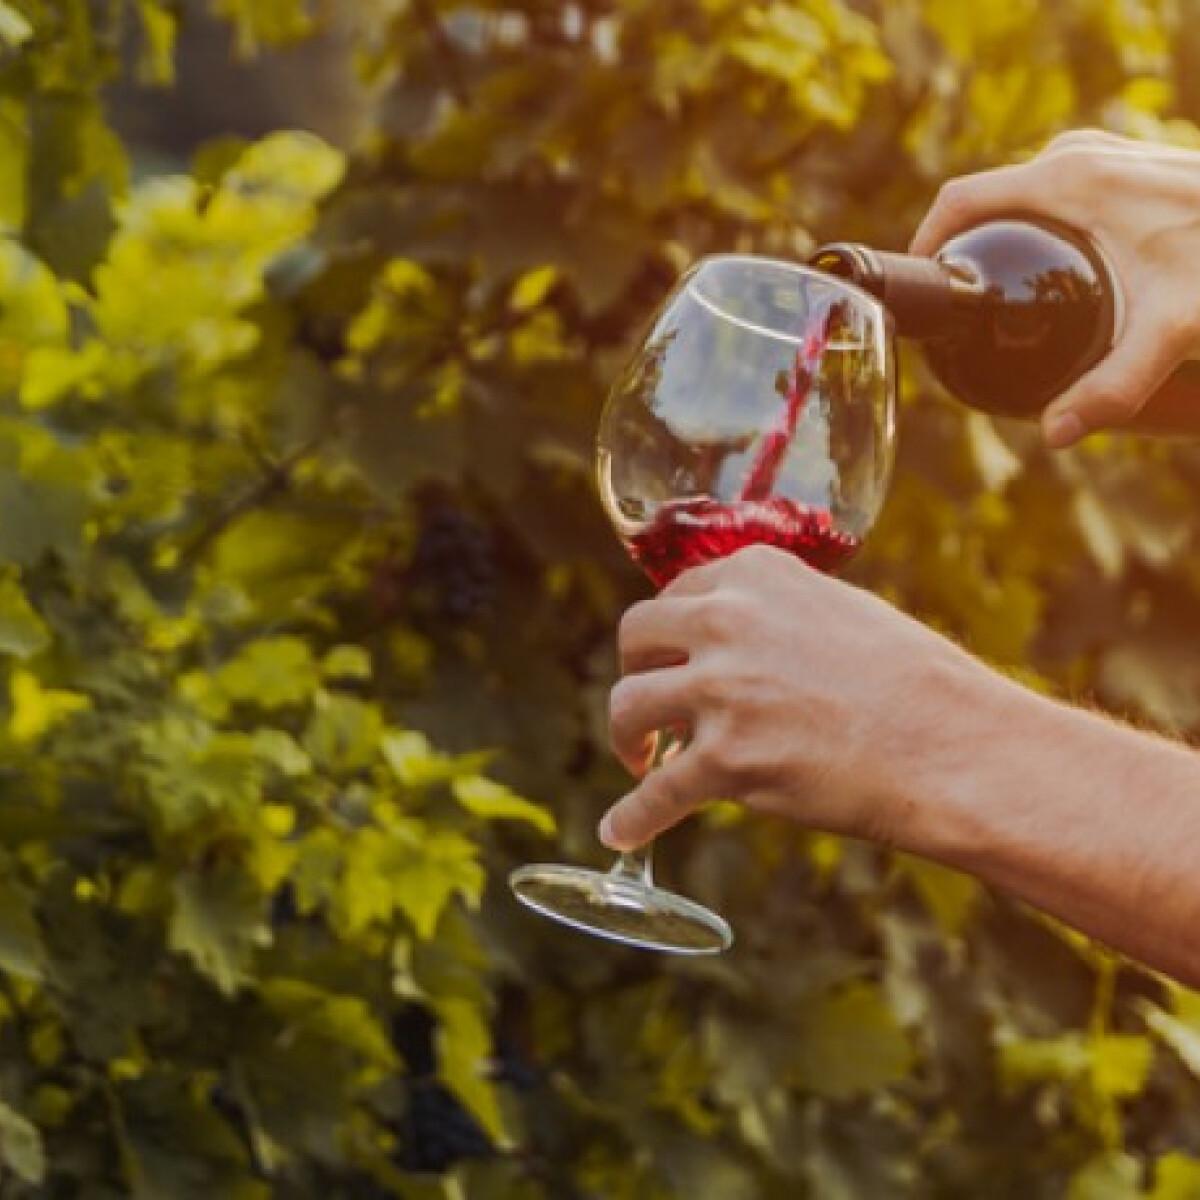 Kiderült, nem csak a szívünknek tesz jót a vörösbor